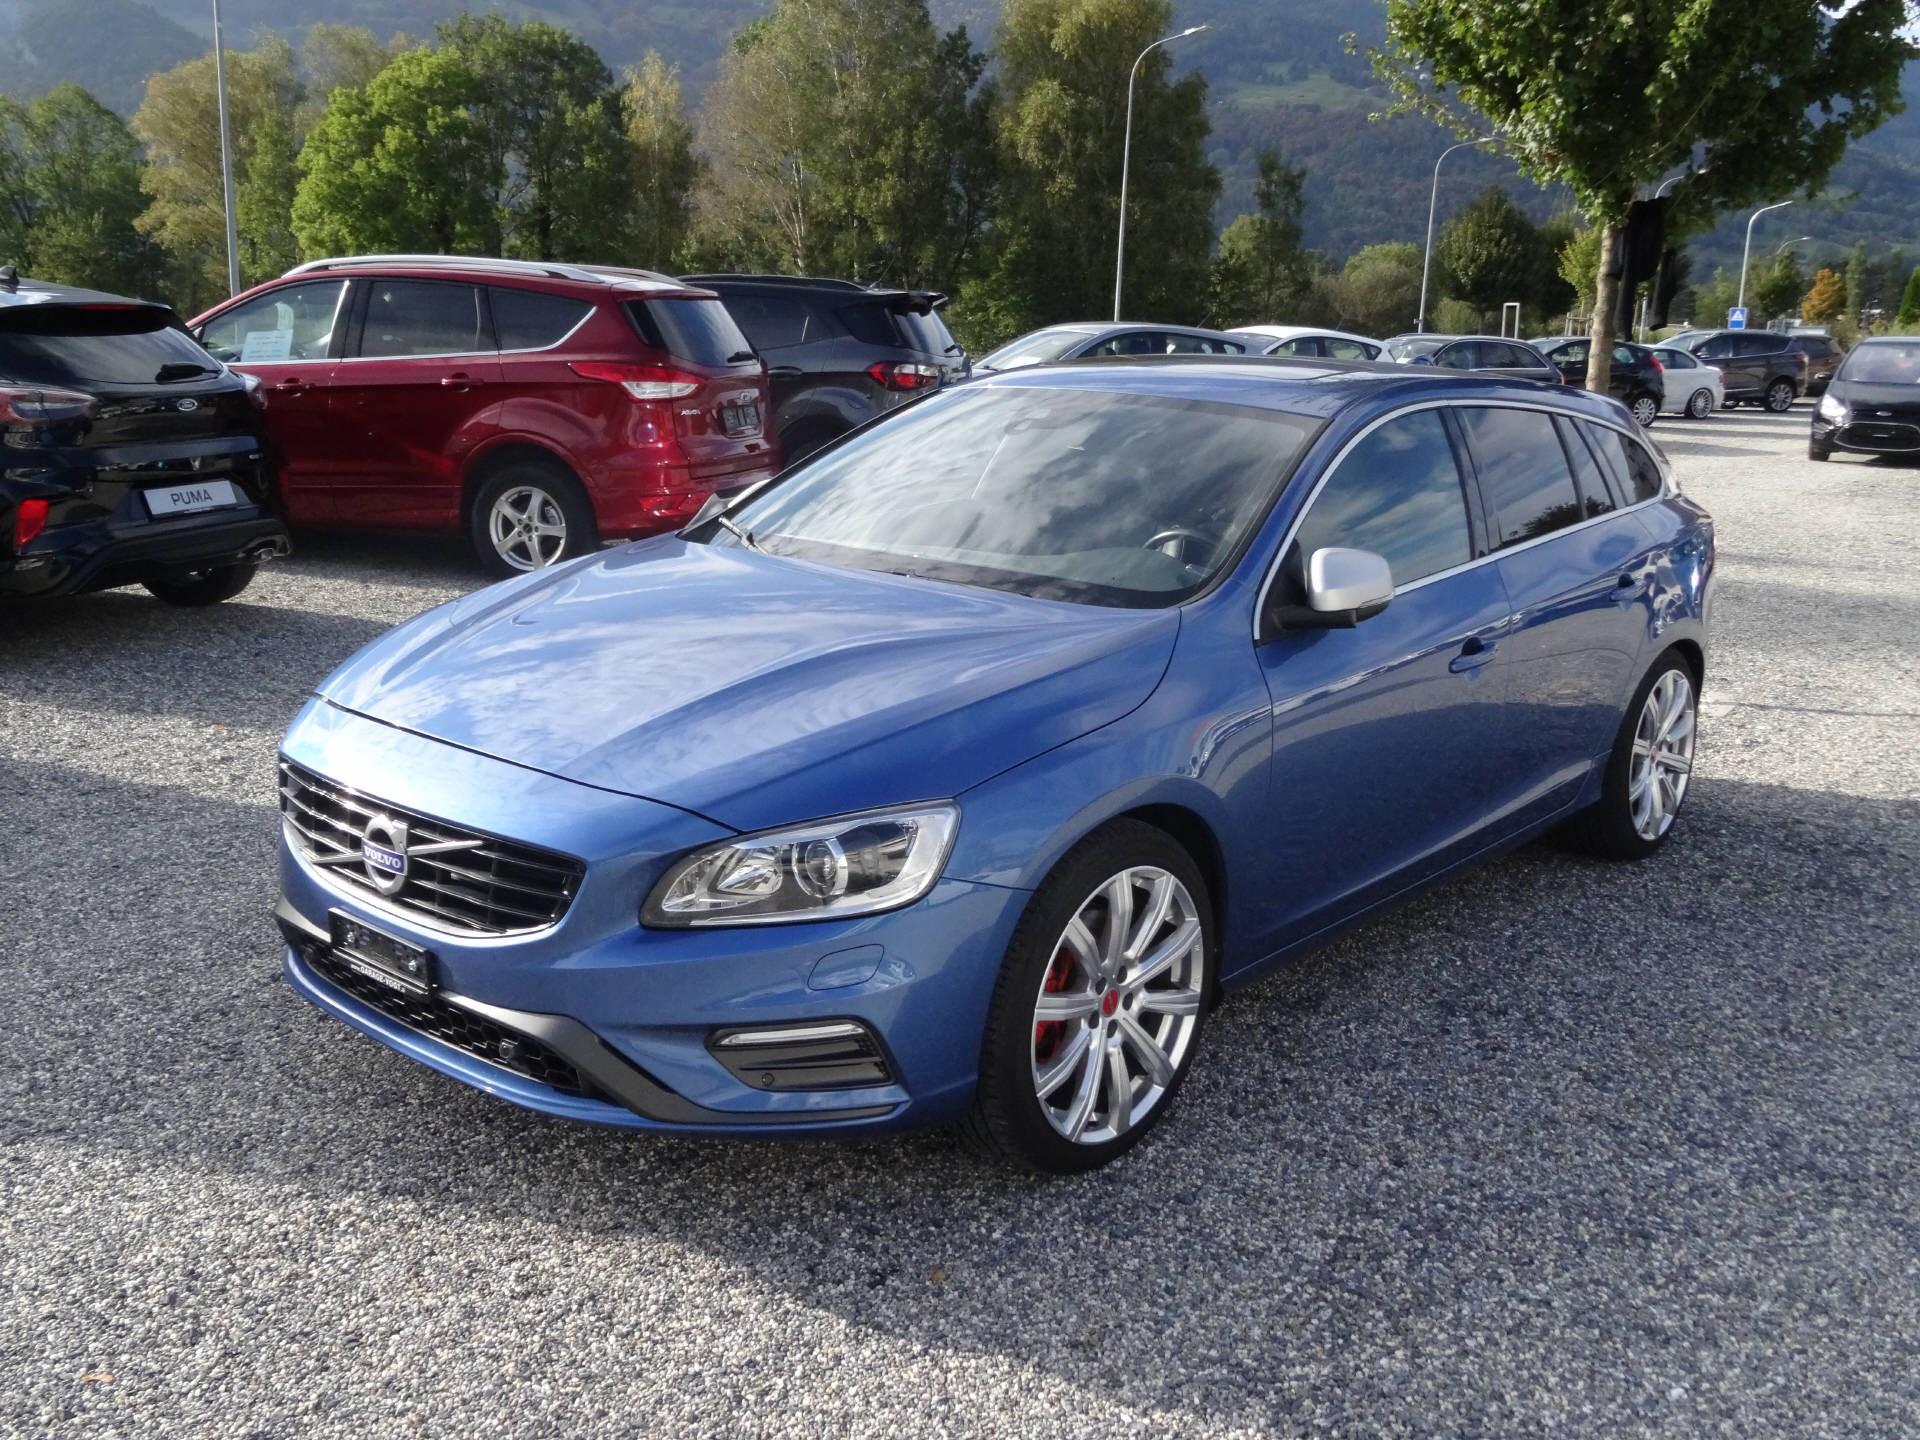 estate Volvo V60 2.0 T6 Momentum AWD S/S